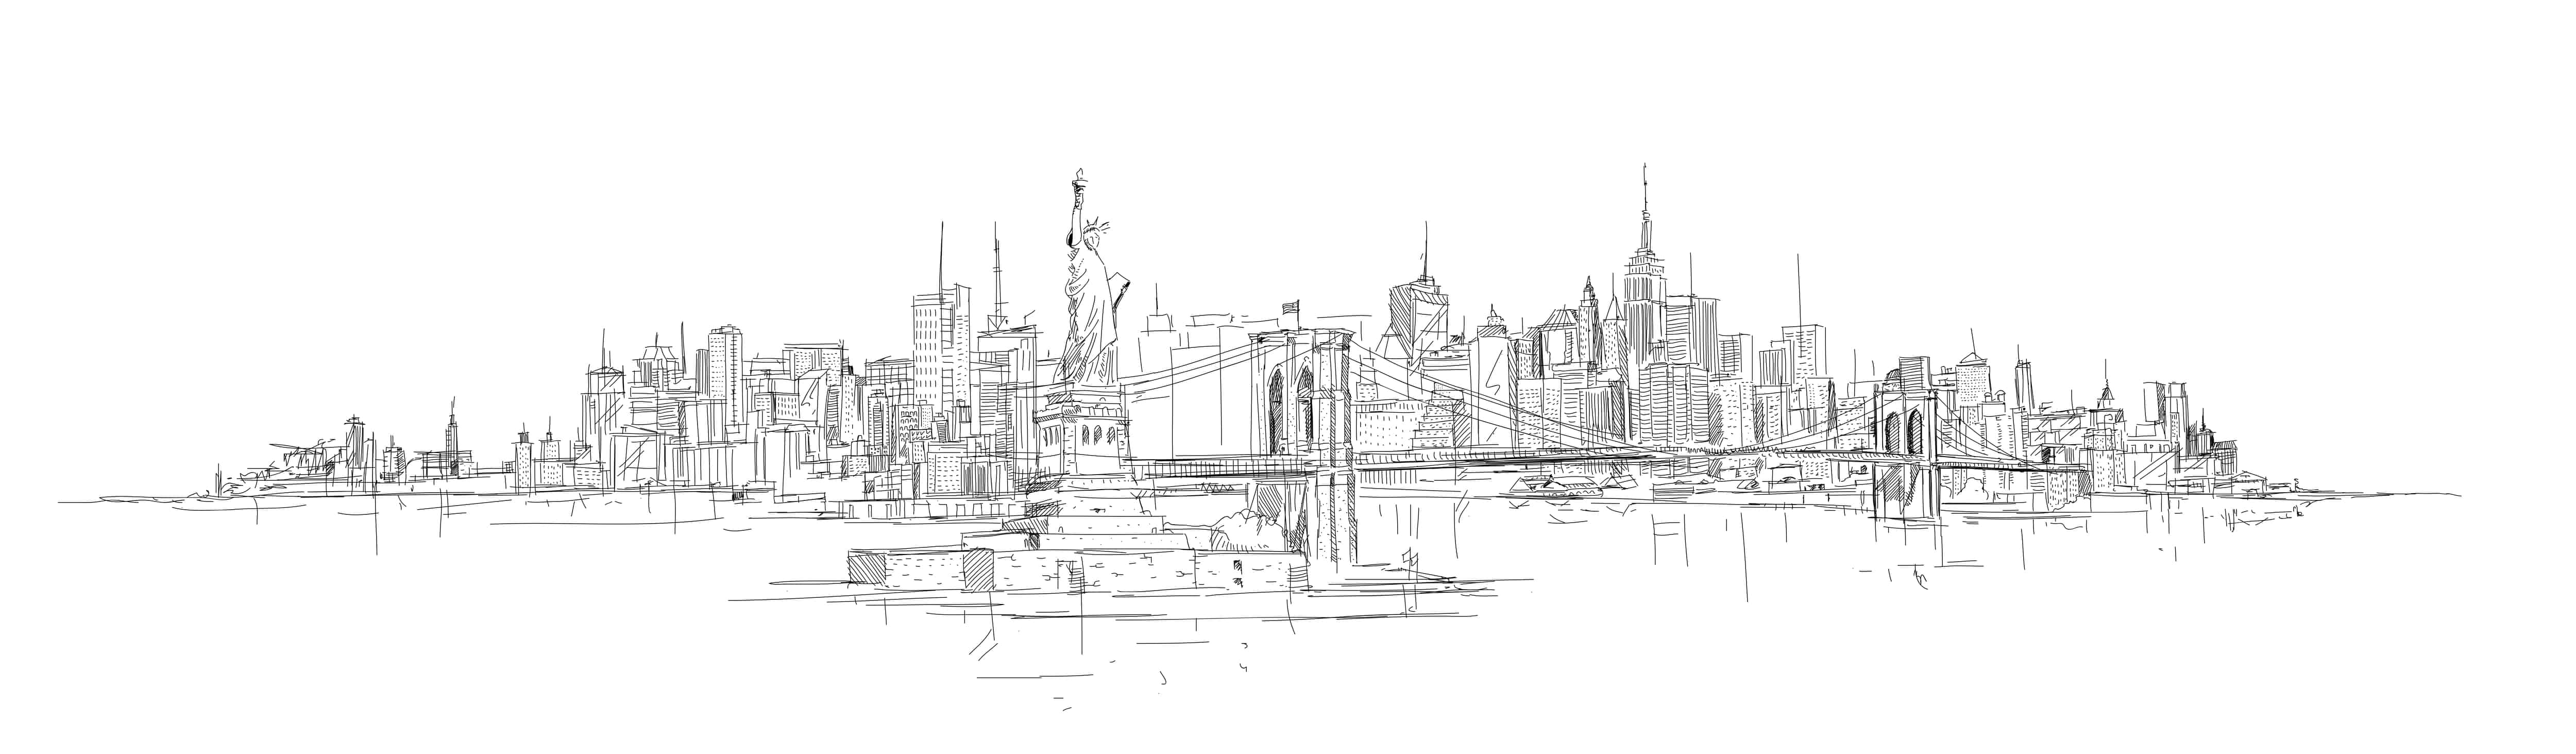 New York City Skyline Sketch VeryCreate.com